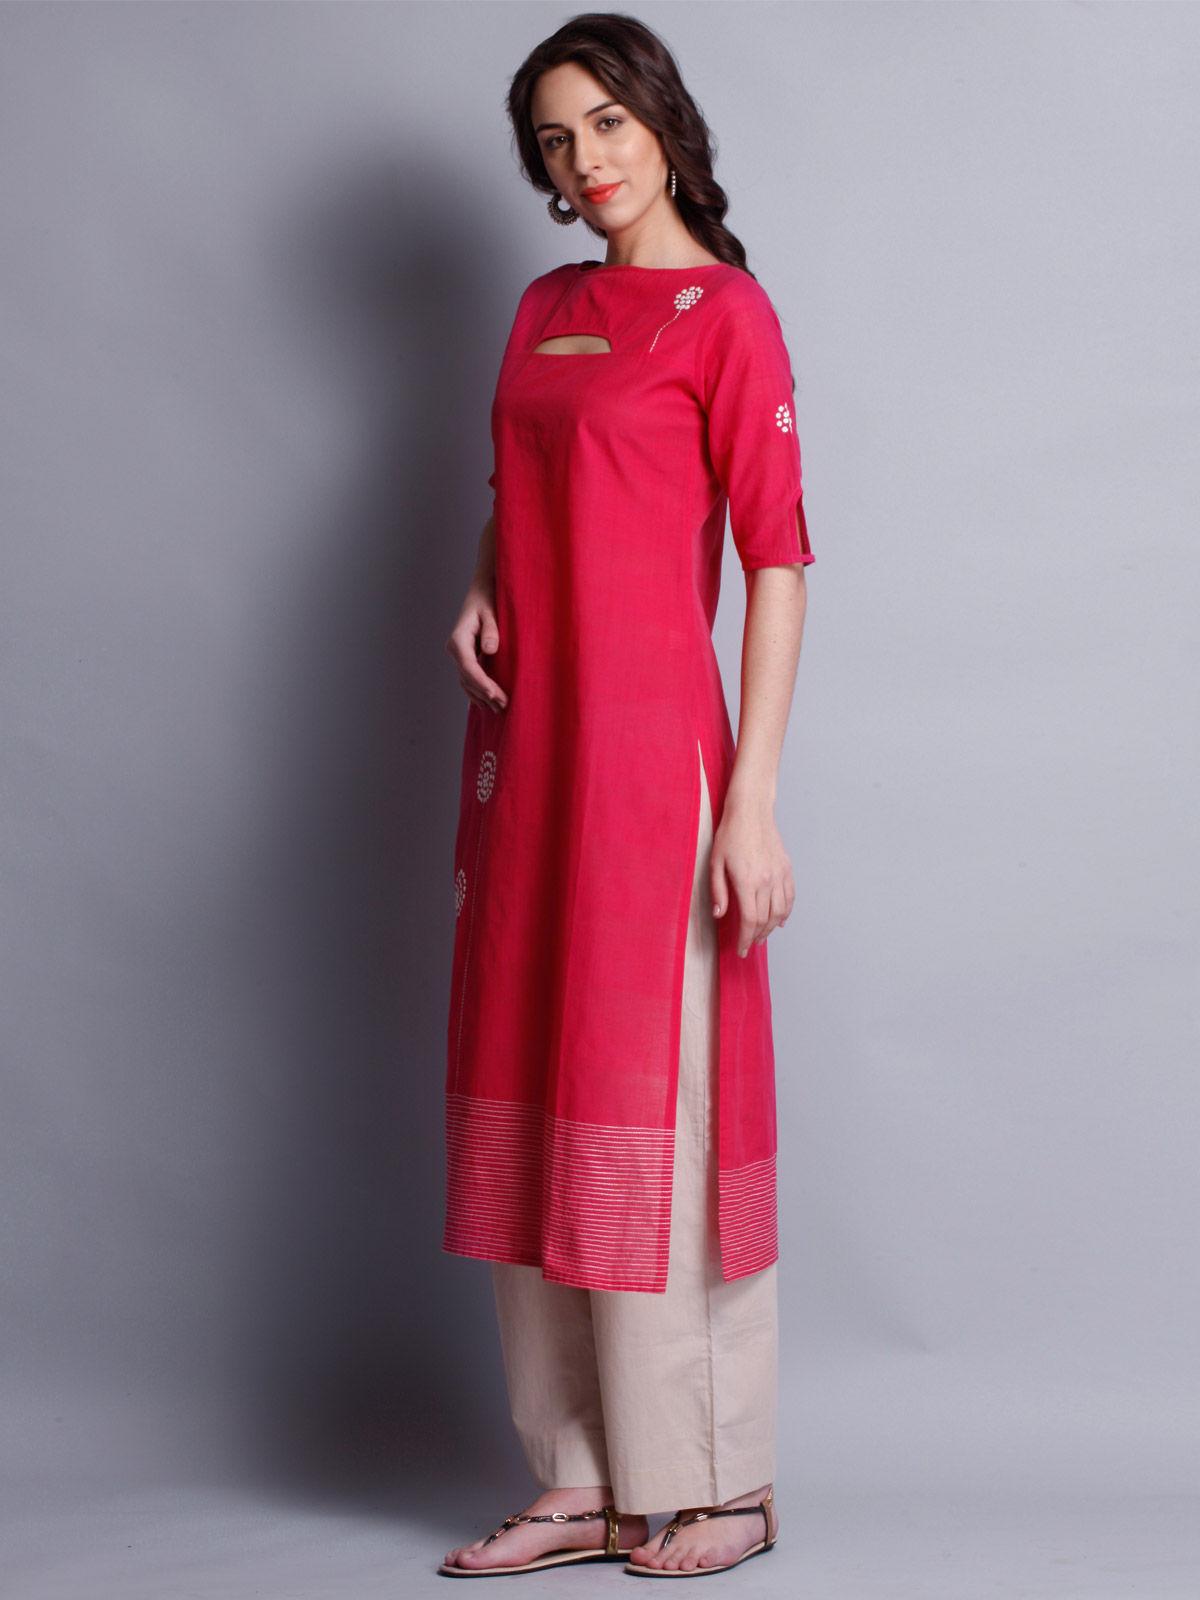 Patti work embroidered pink  long kurta